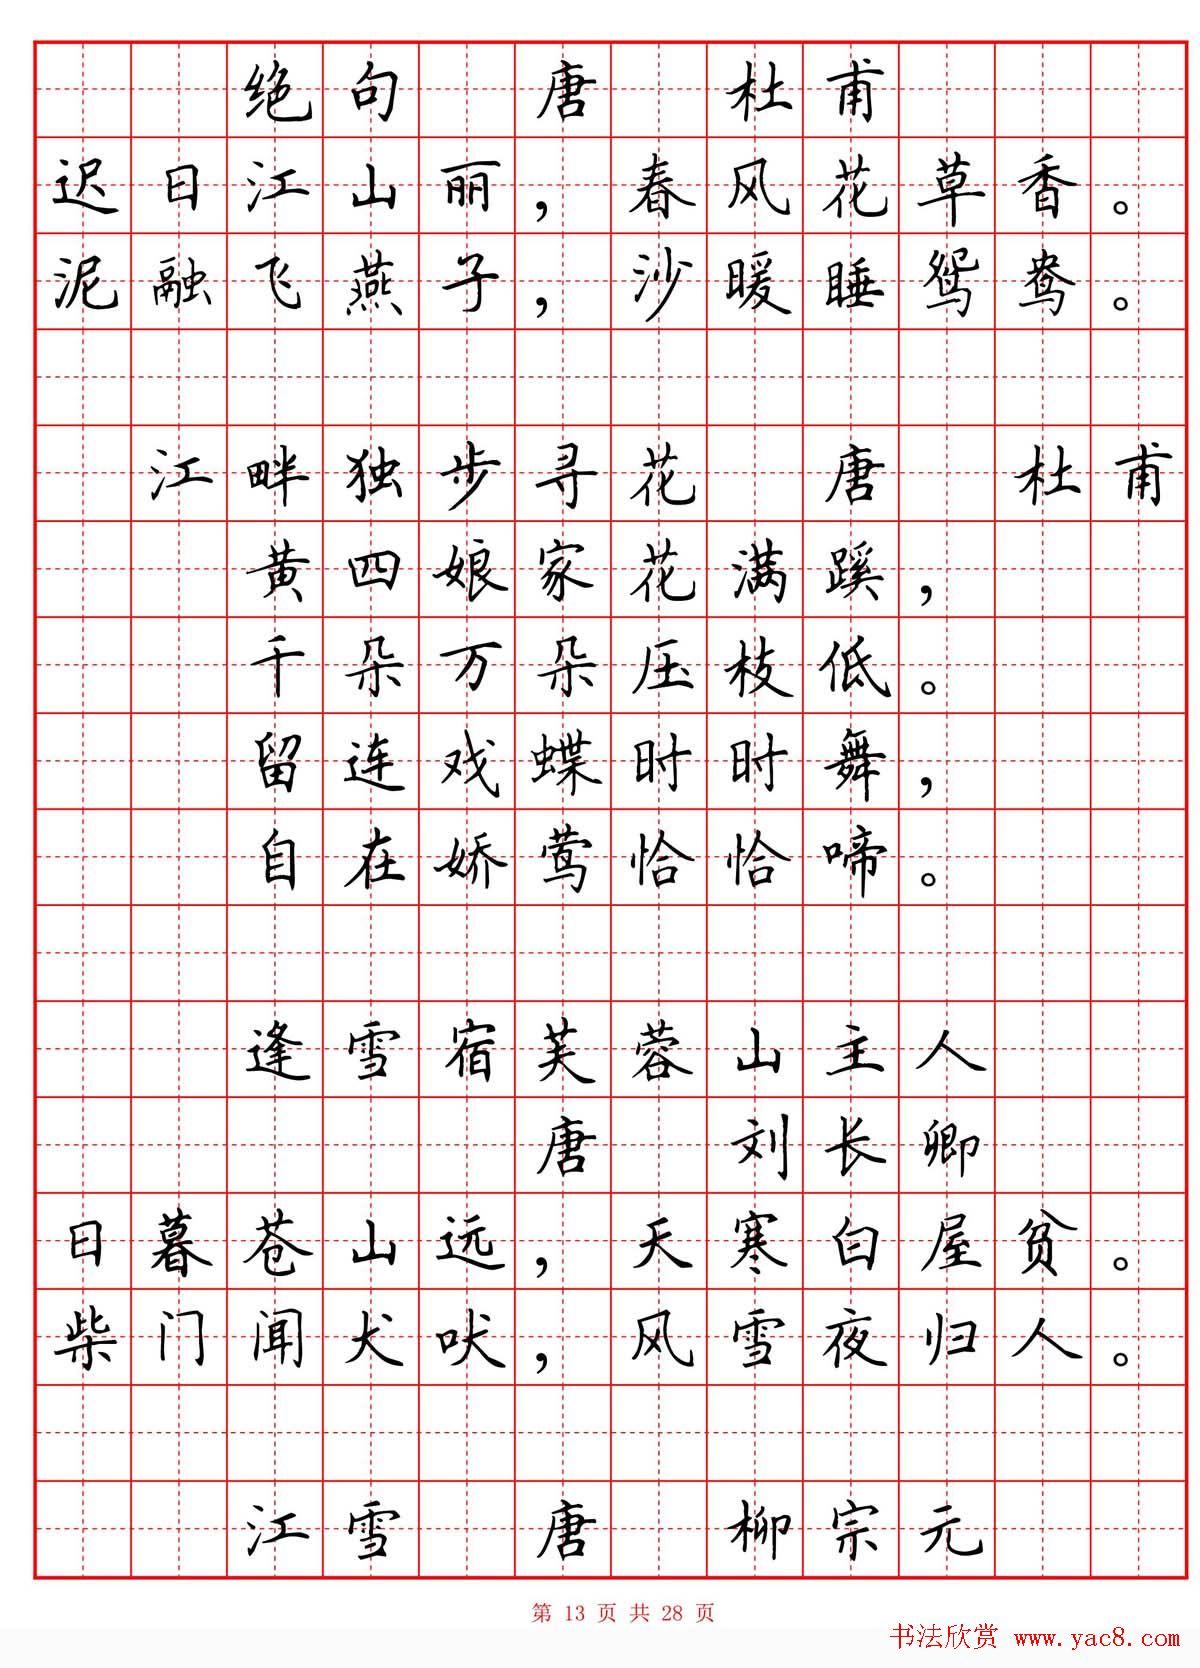 古诗正楷硬笔书法 硬笔书法作品欣赏 硬笔书法字帖图片